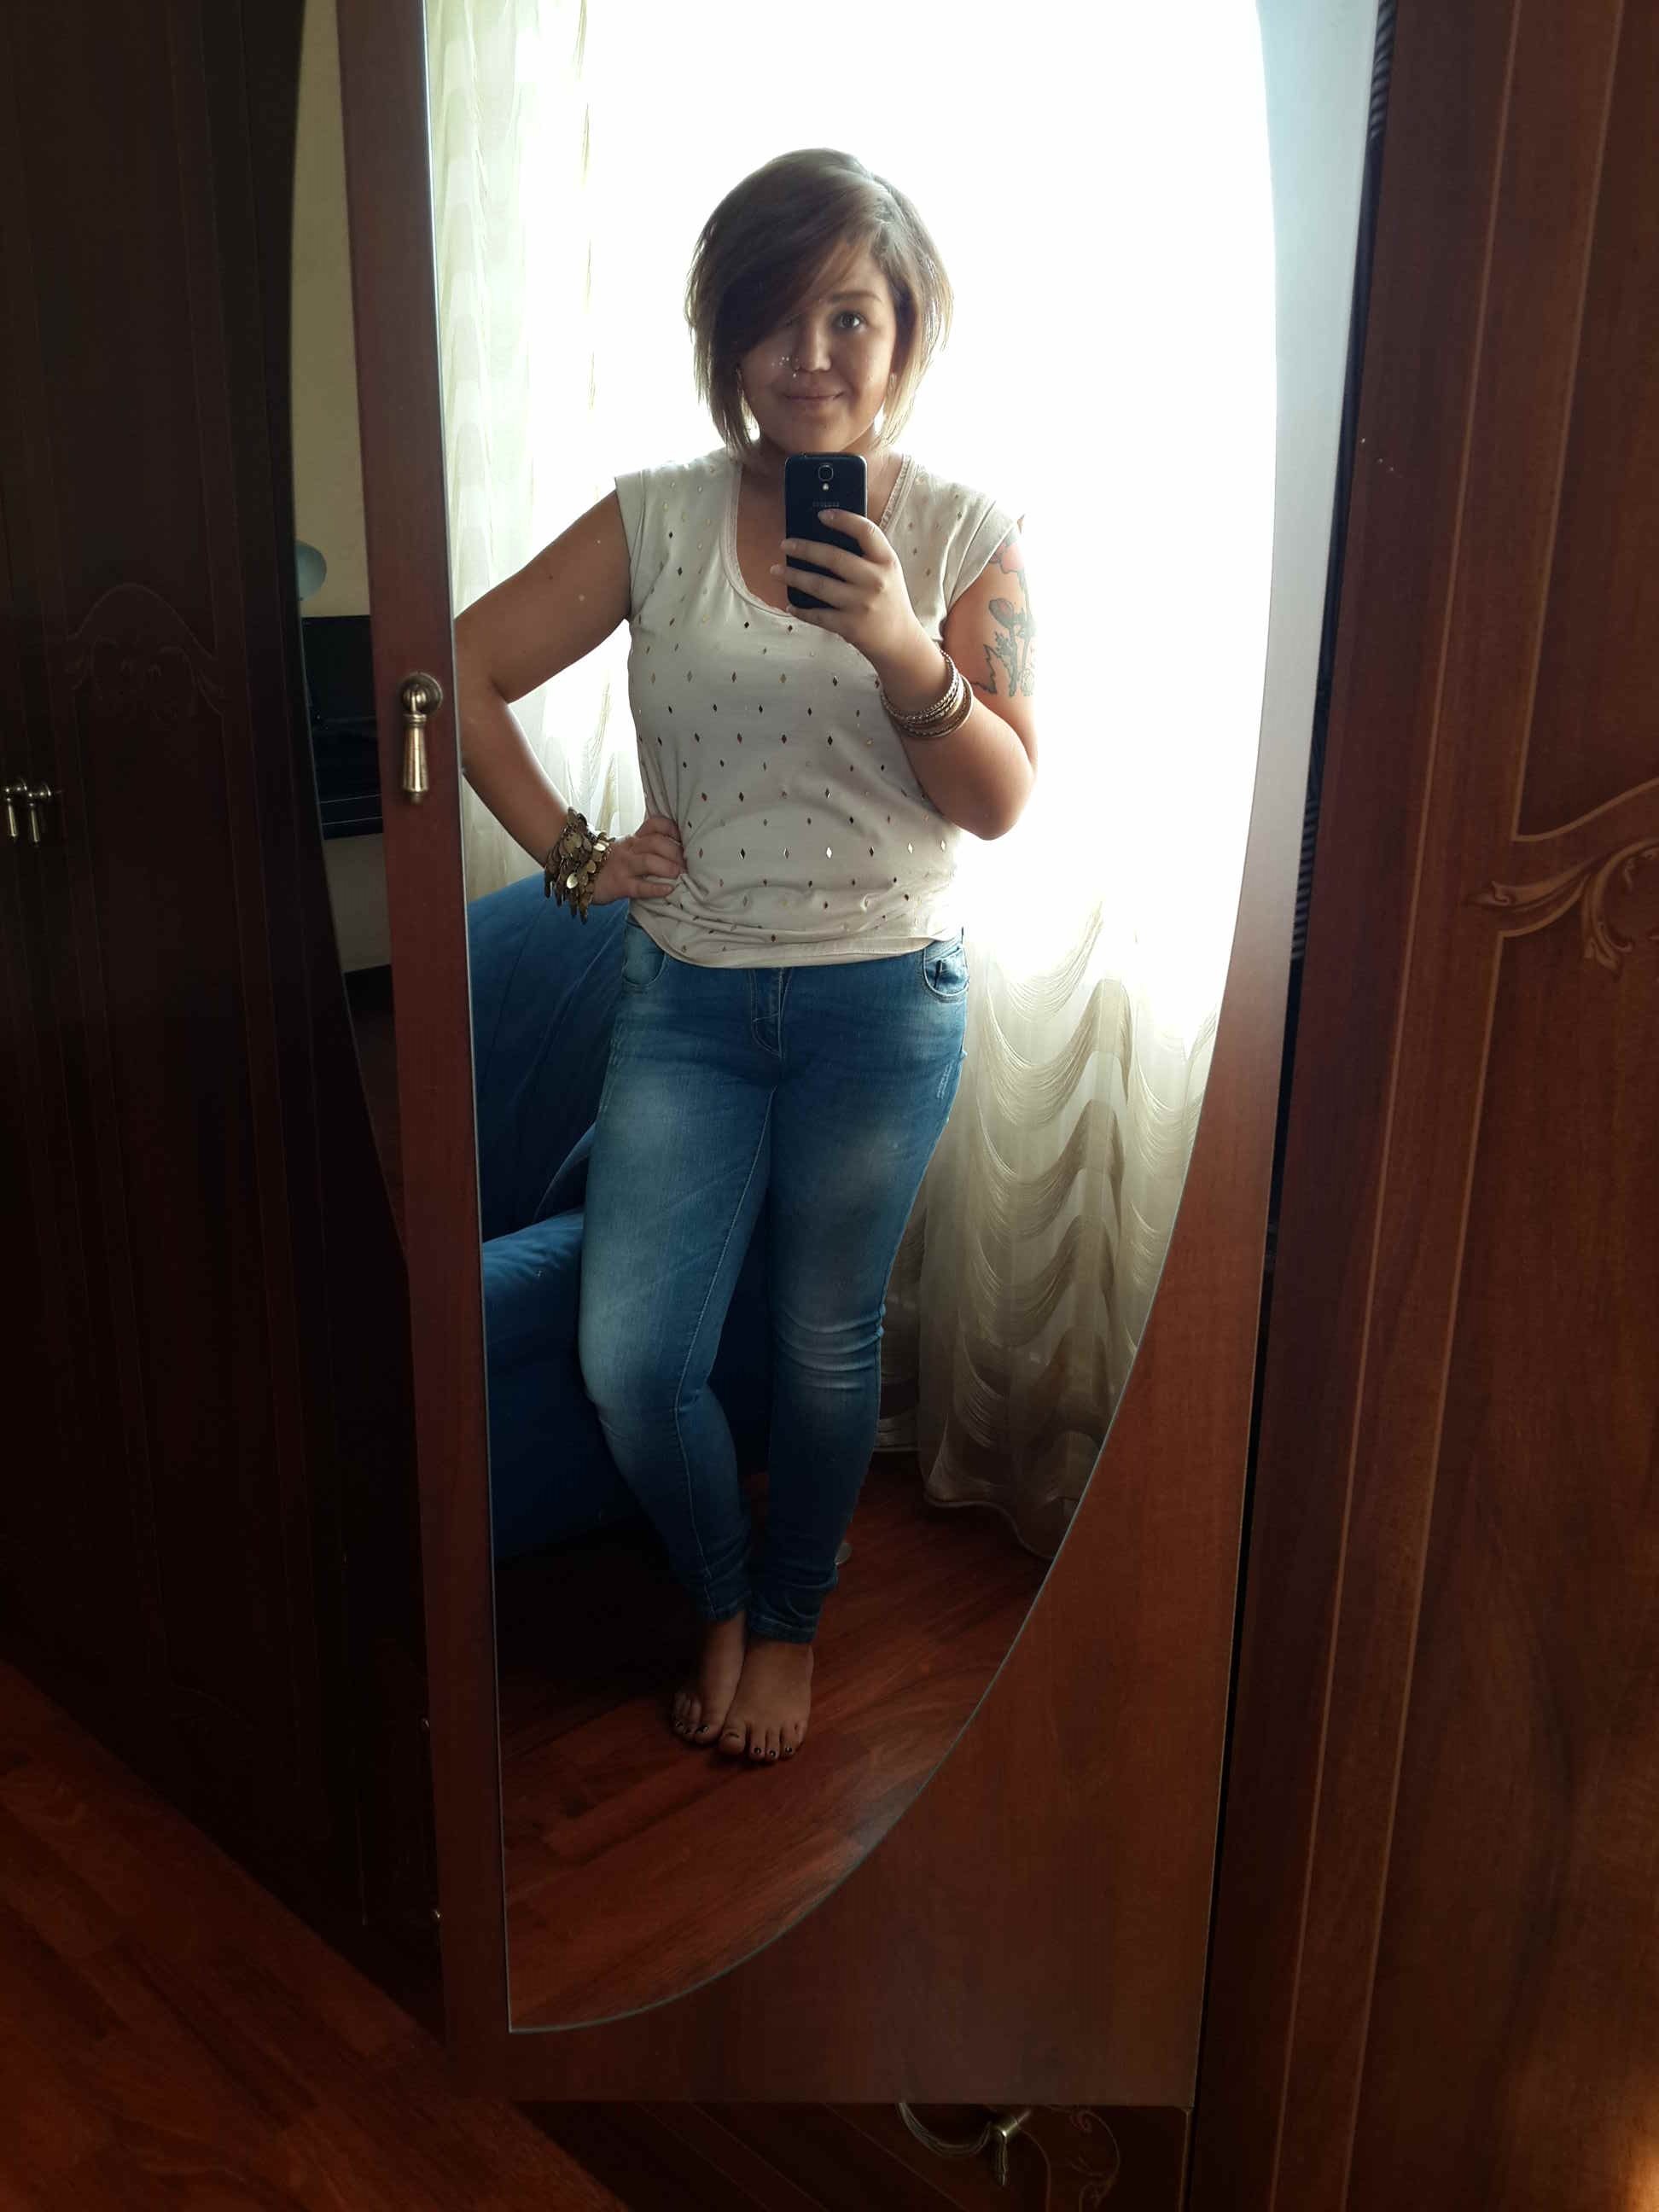 Плоский живот после родов: История весом в 50 кг